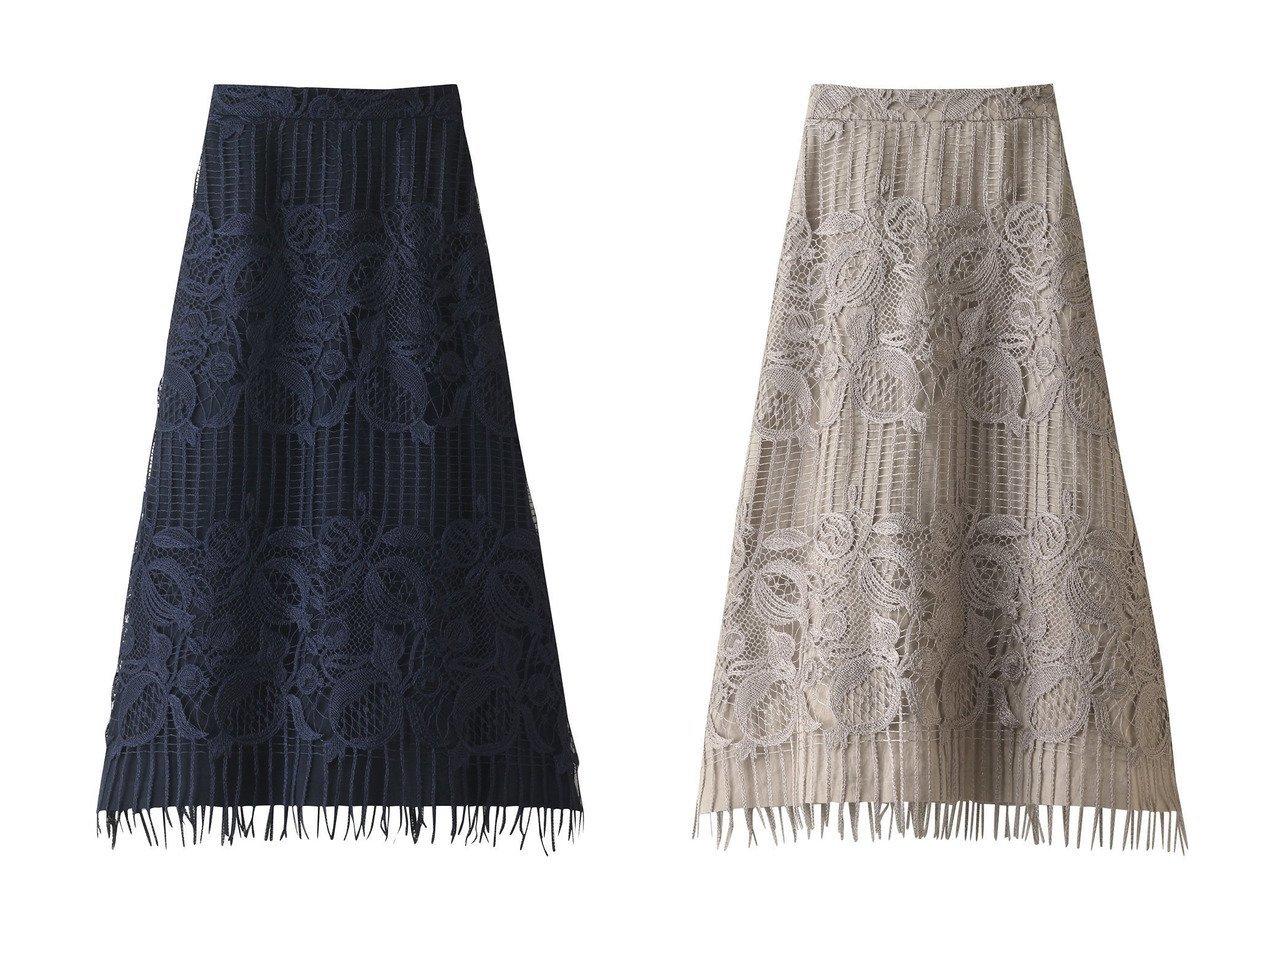 【ebure/エブール】のヘビーコードレース フリンジヘムロングスカート 【スカート】おすすめ!人気、トレンド・レディースファッションの通販  おすすめで人気の流行・トレンド、ファッションの通販商品 メンズファッション・キッズファッション・インテリア・家具・レディースファッション・服の通販 founy(ファニー) https://founy.com/ ファッション Fashion レディースファッション WOMEN スカート Skirt ロングスカート Long Skirt シンプル フリンジ リネン レース ロング 台形 |ID:crp329100000038316